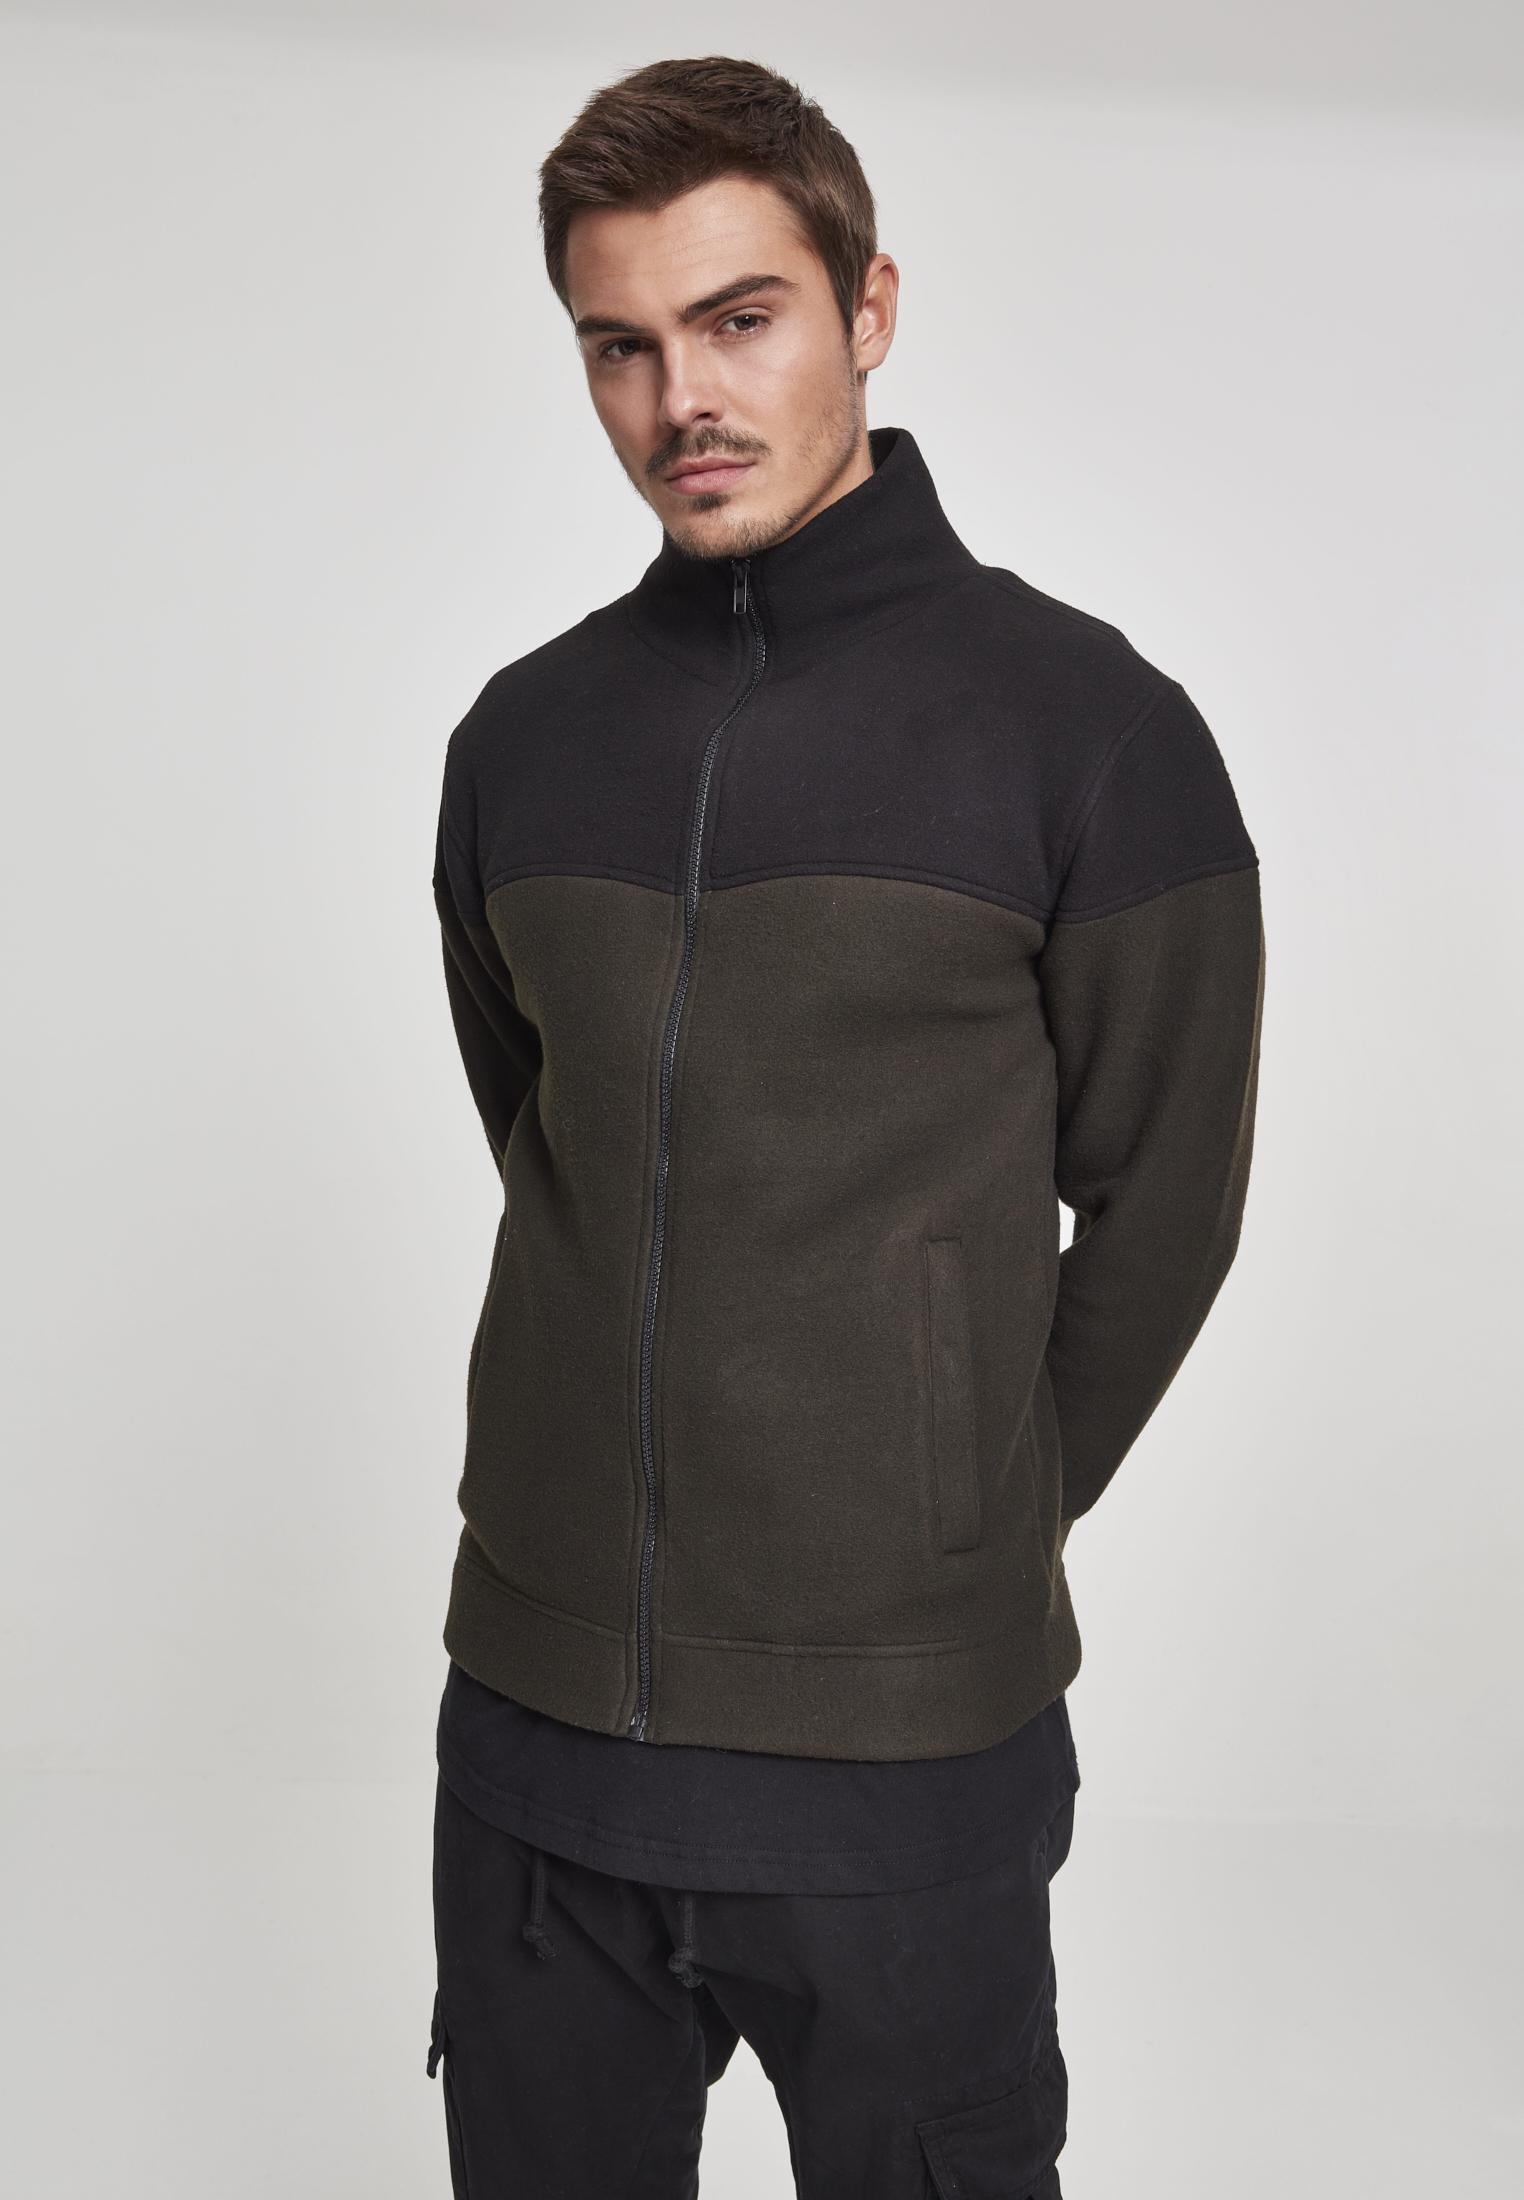 Oversize 2-Tone Polar Fleece Jacket olive black L-TB2492-00868-0042 6ba969f8f7d